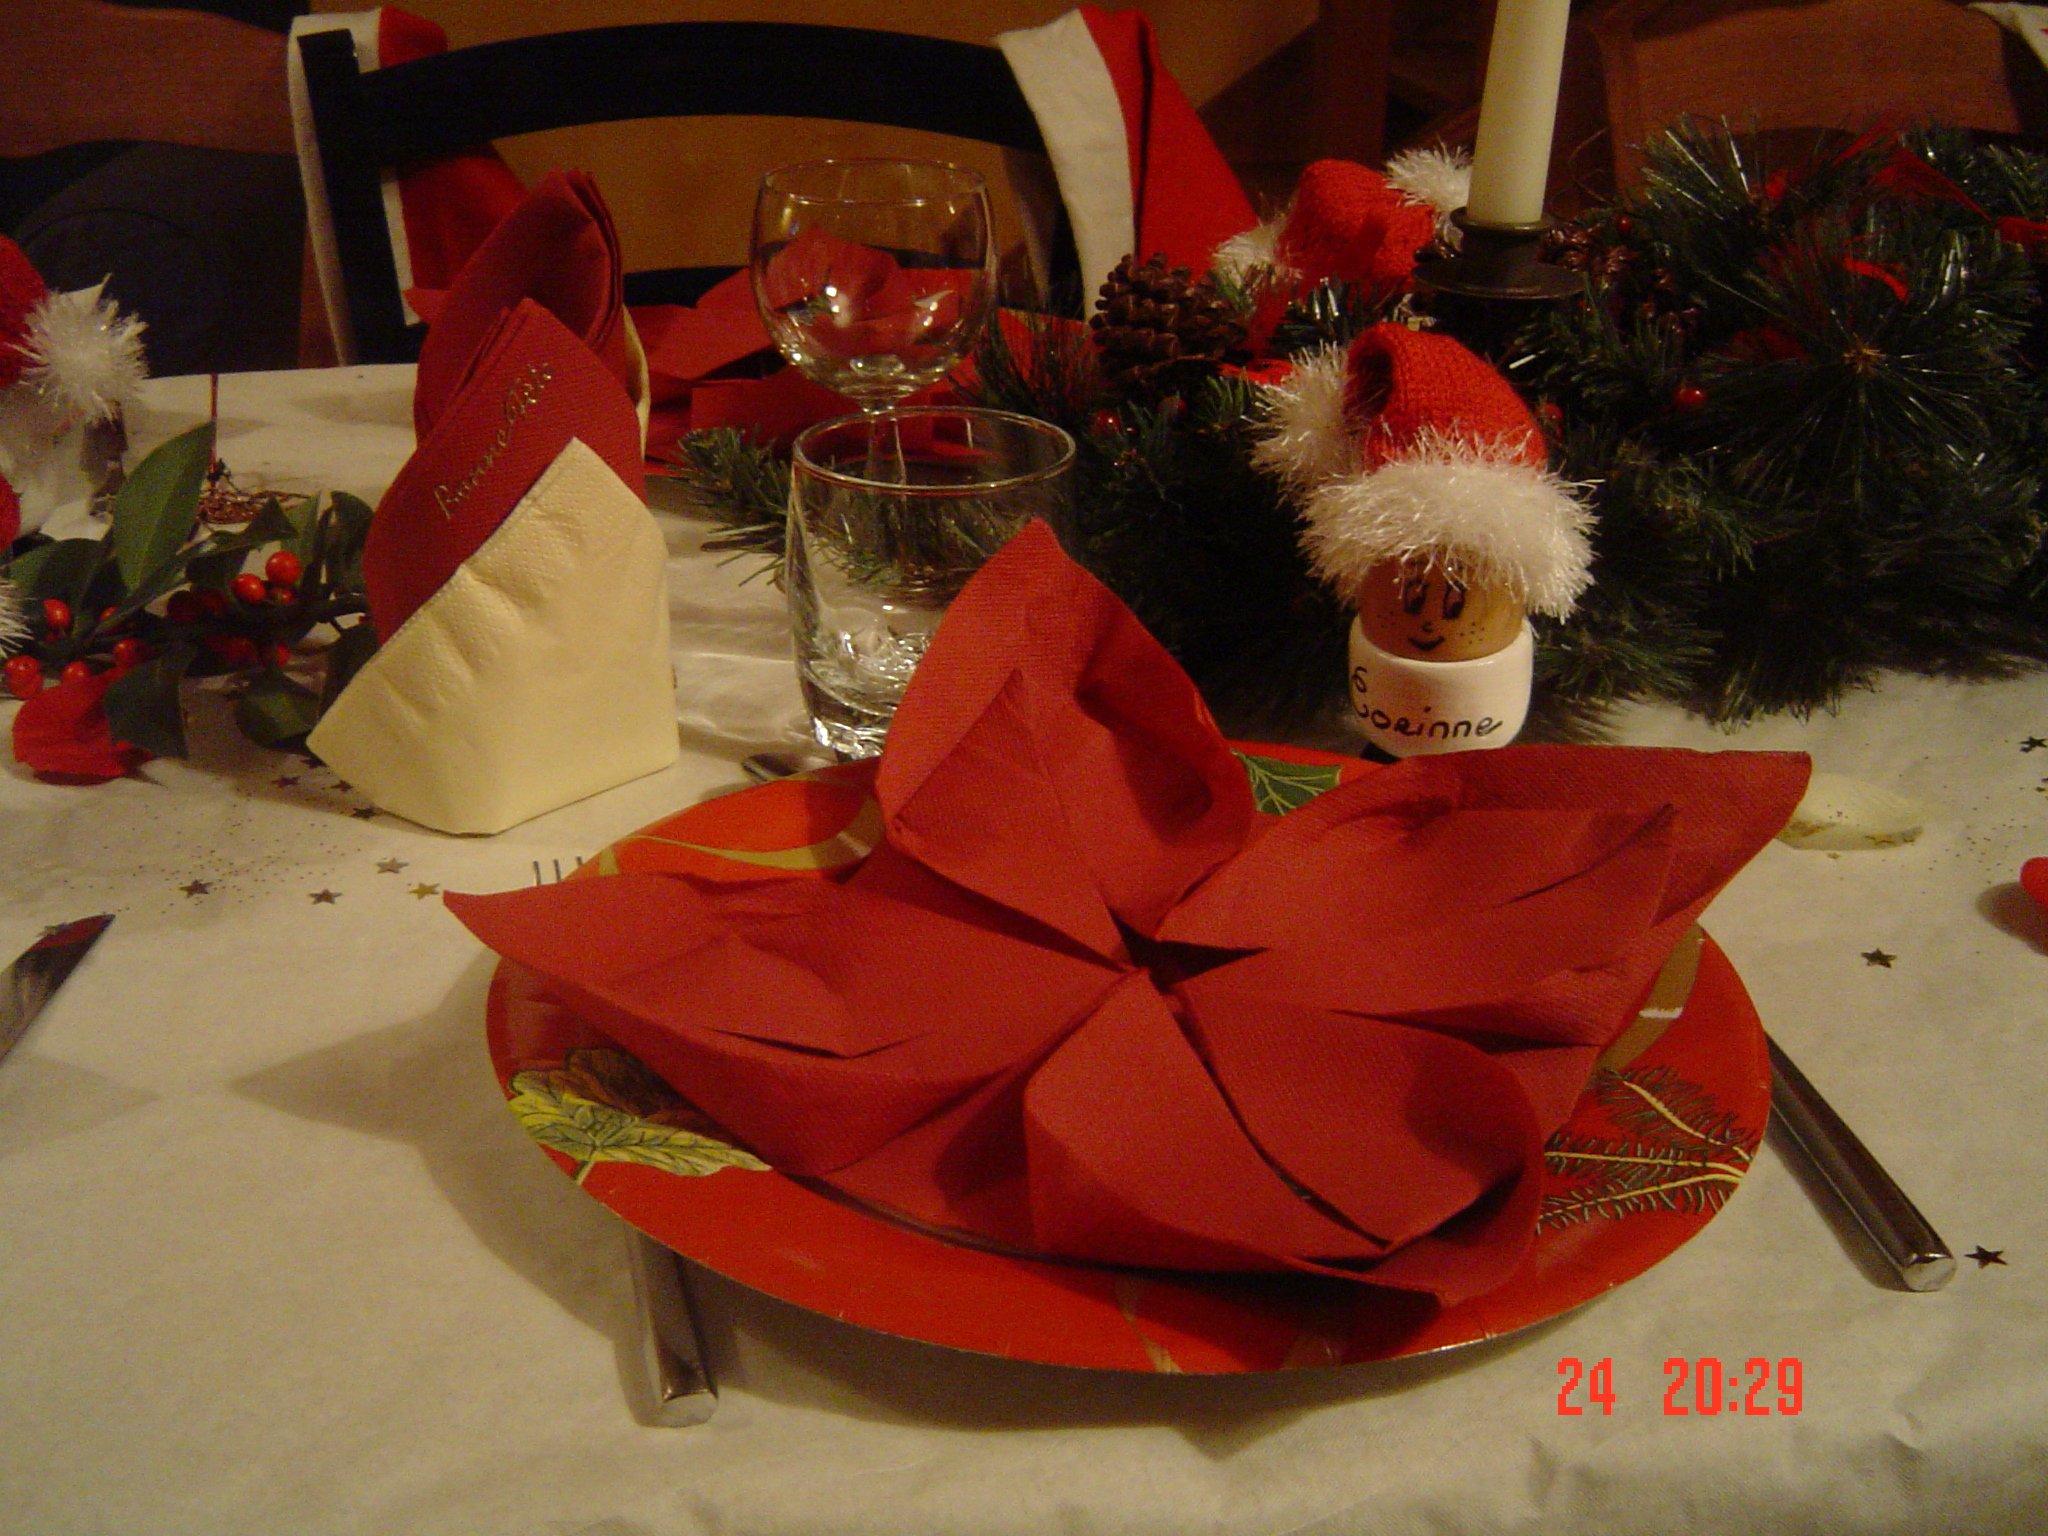 #BD2A0E Idée De Décoration De Table De Noël · Les Créations De Coco 5713 idée décoration noel classe 2048x1536 px @ aertt.com